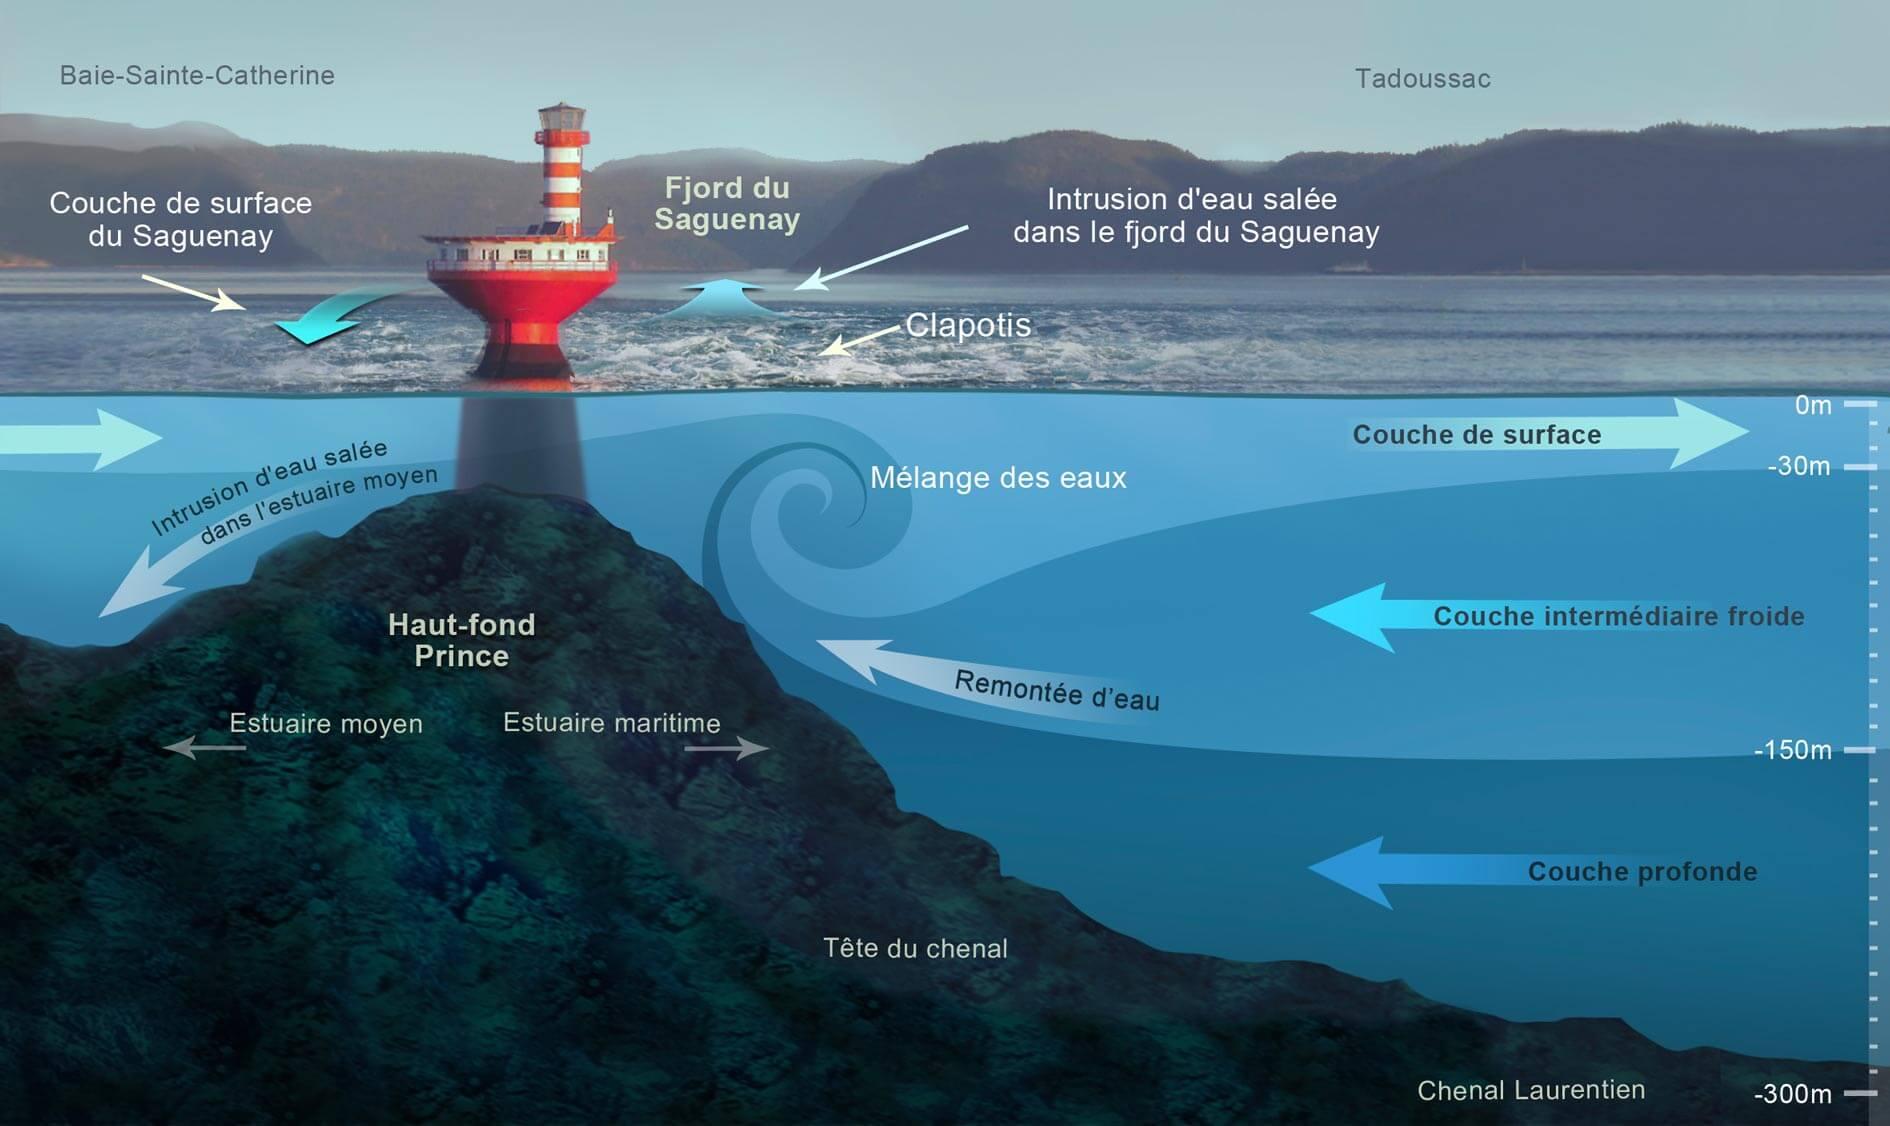 Caractéristiques des couches d'eau dans le chenal Laurentien à la hauteur du phare du Haut-fond Prince